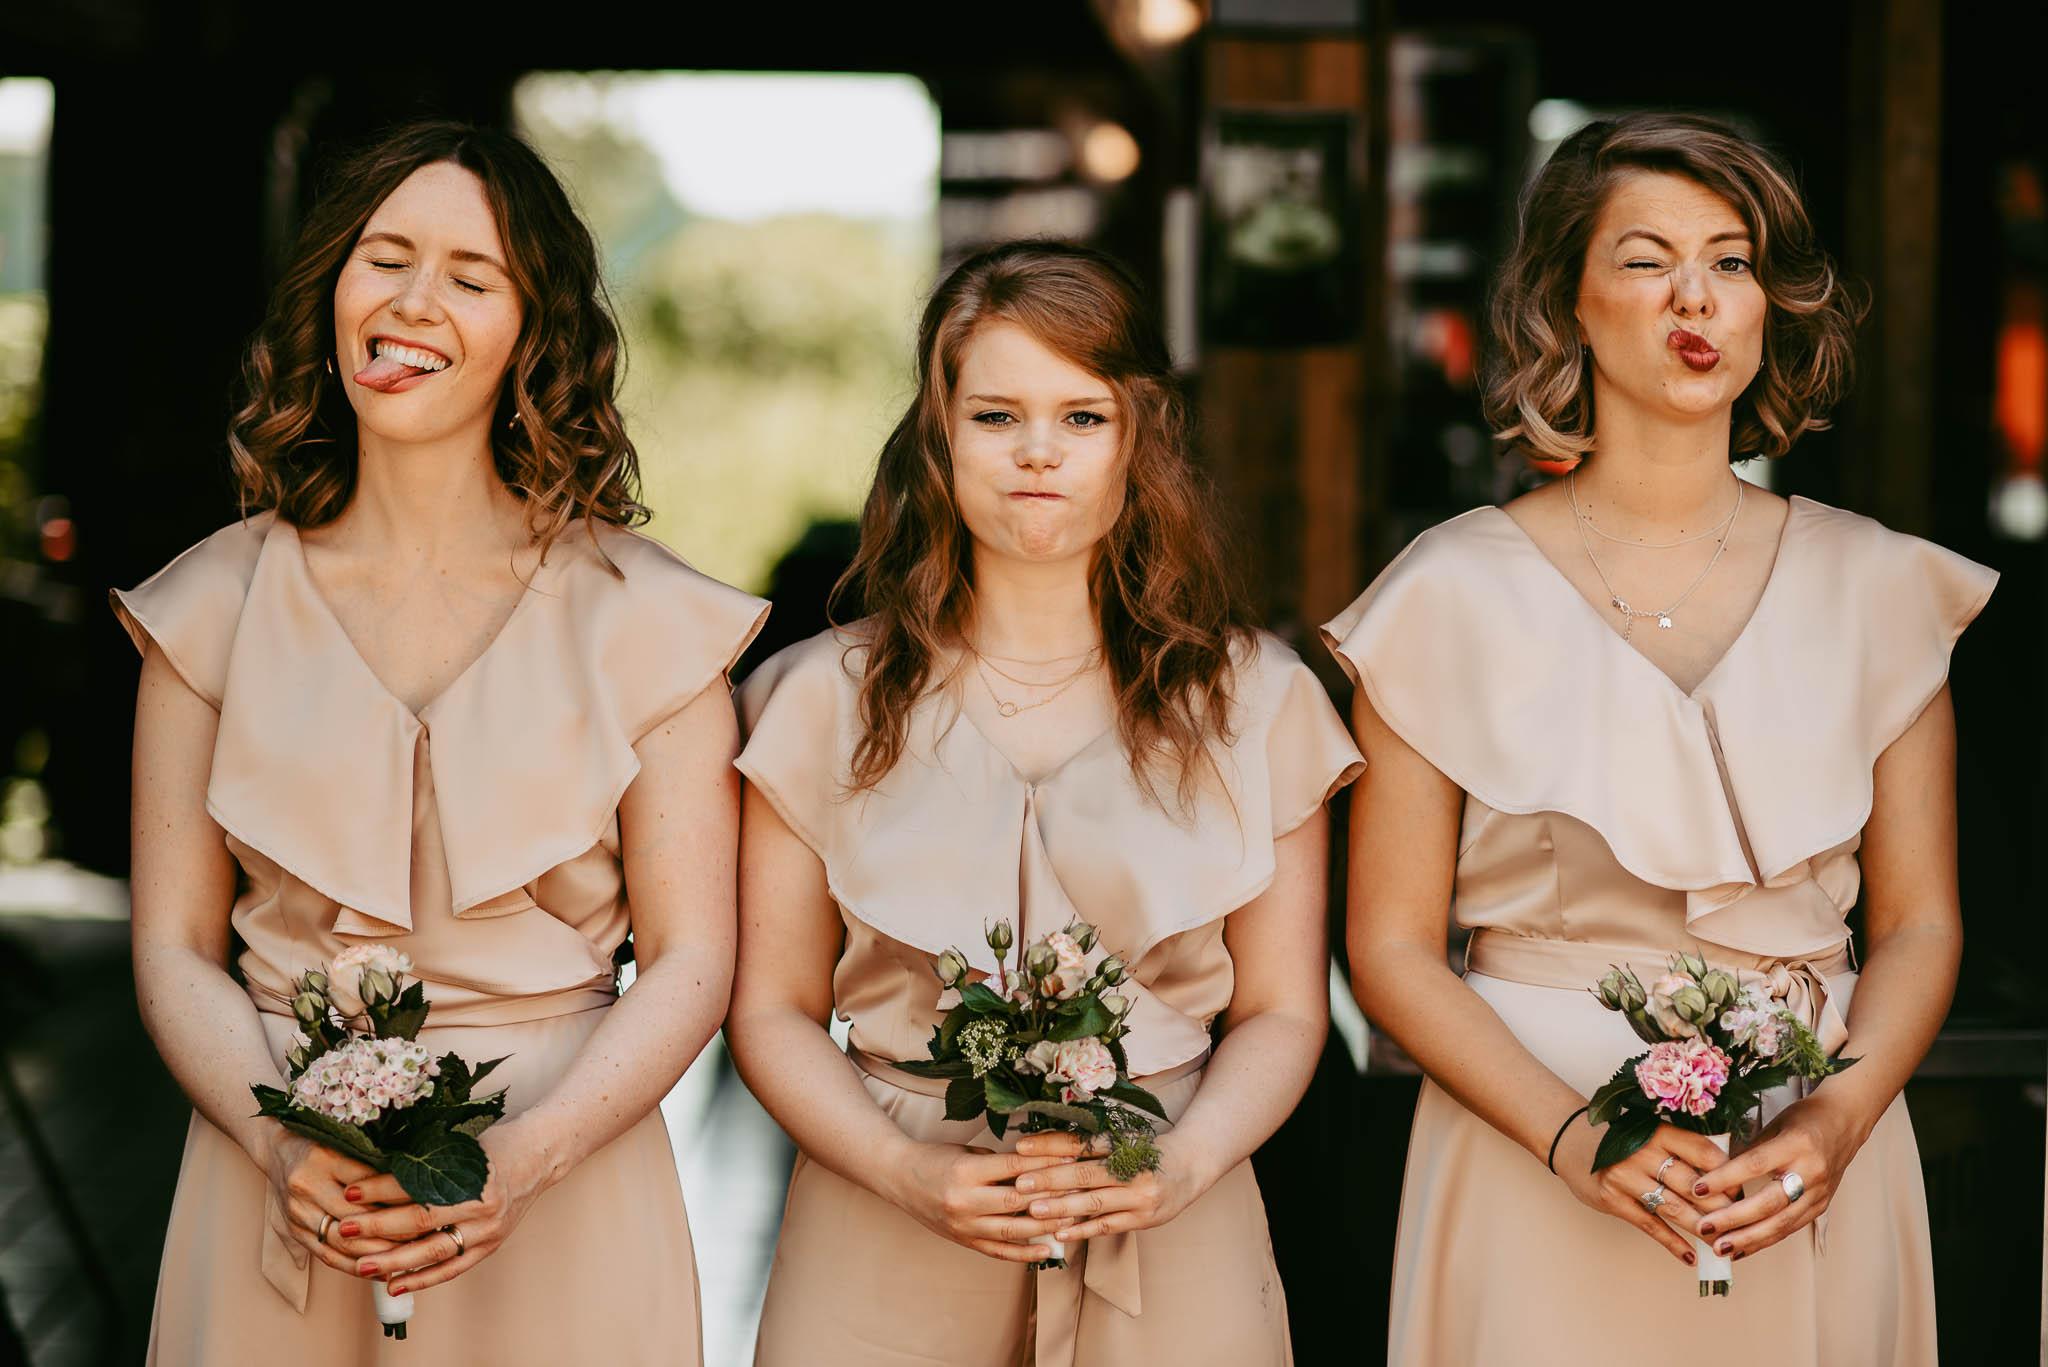 Hochzeitsfotograf Preise Hochzeitsfotos Kosten Hochzeit